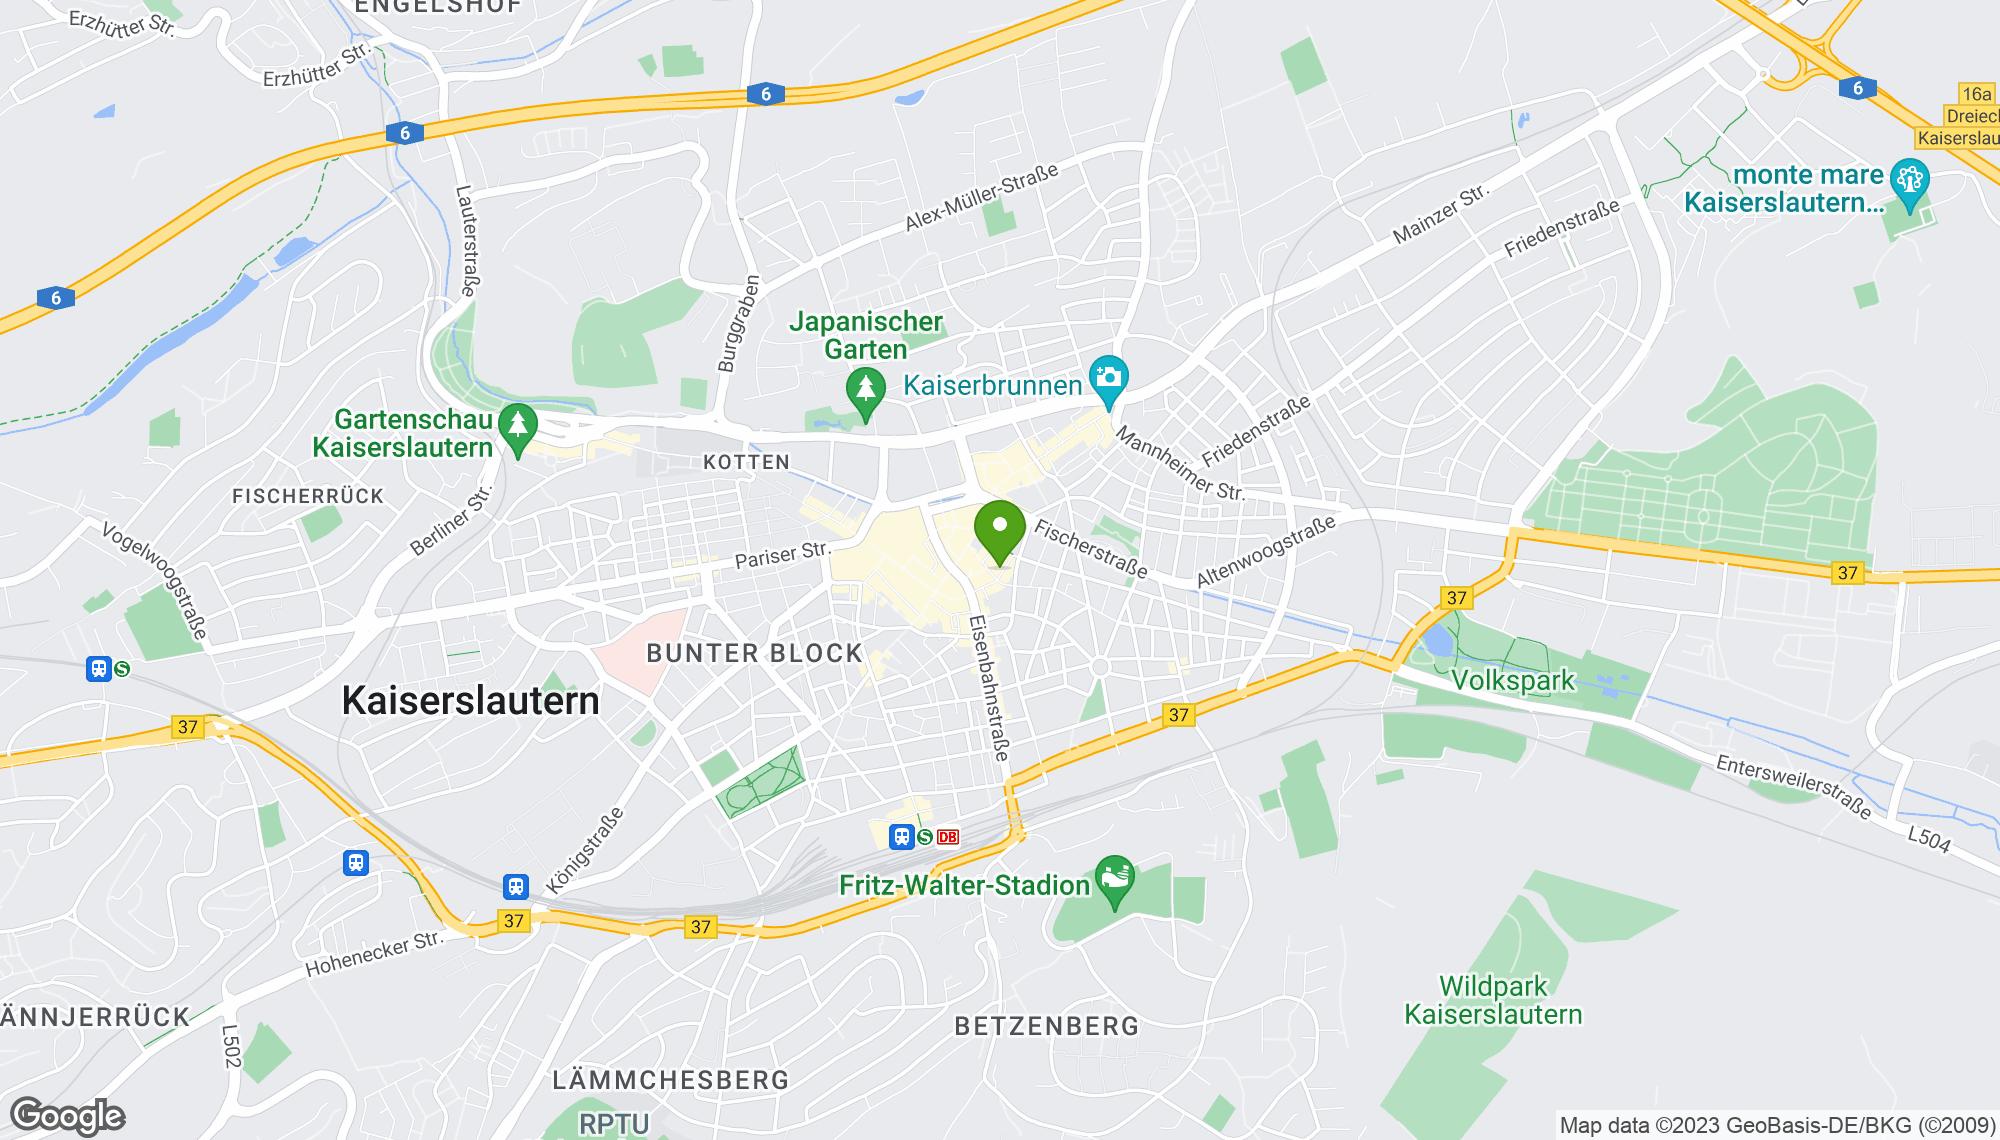 Ziemlich Fulda Getränke Fotos - Schönes Wohnungideen - getpaidteam.info